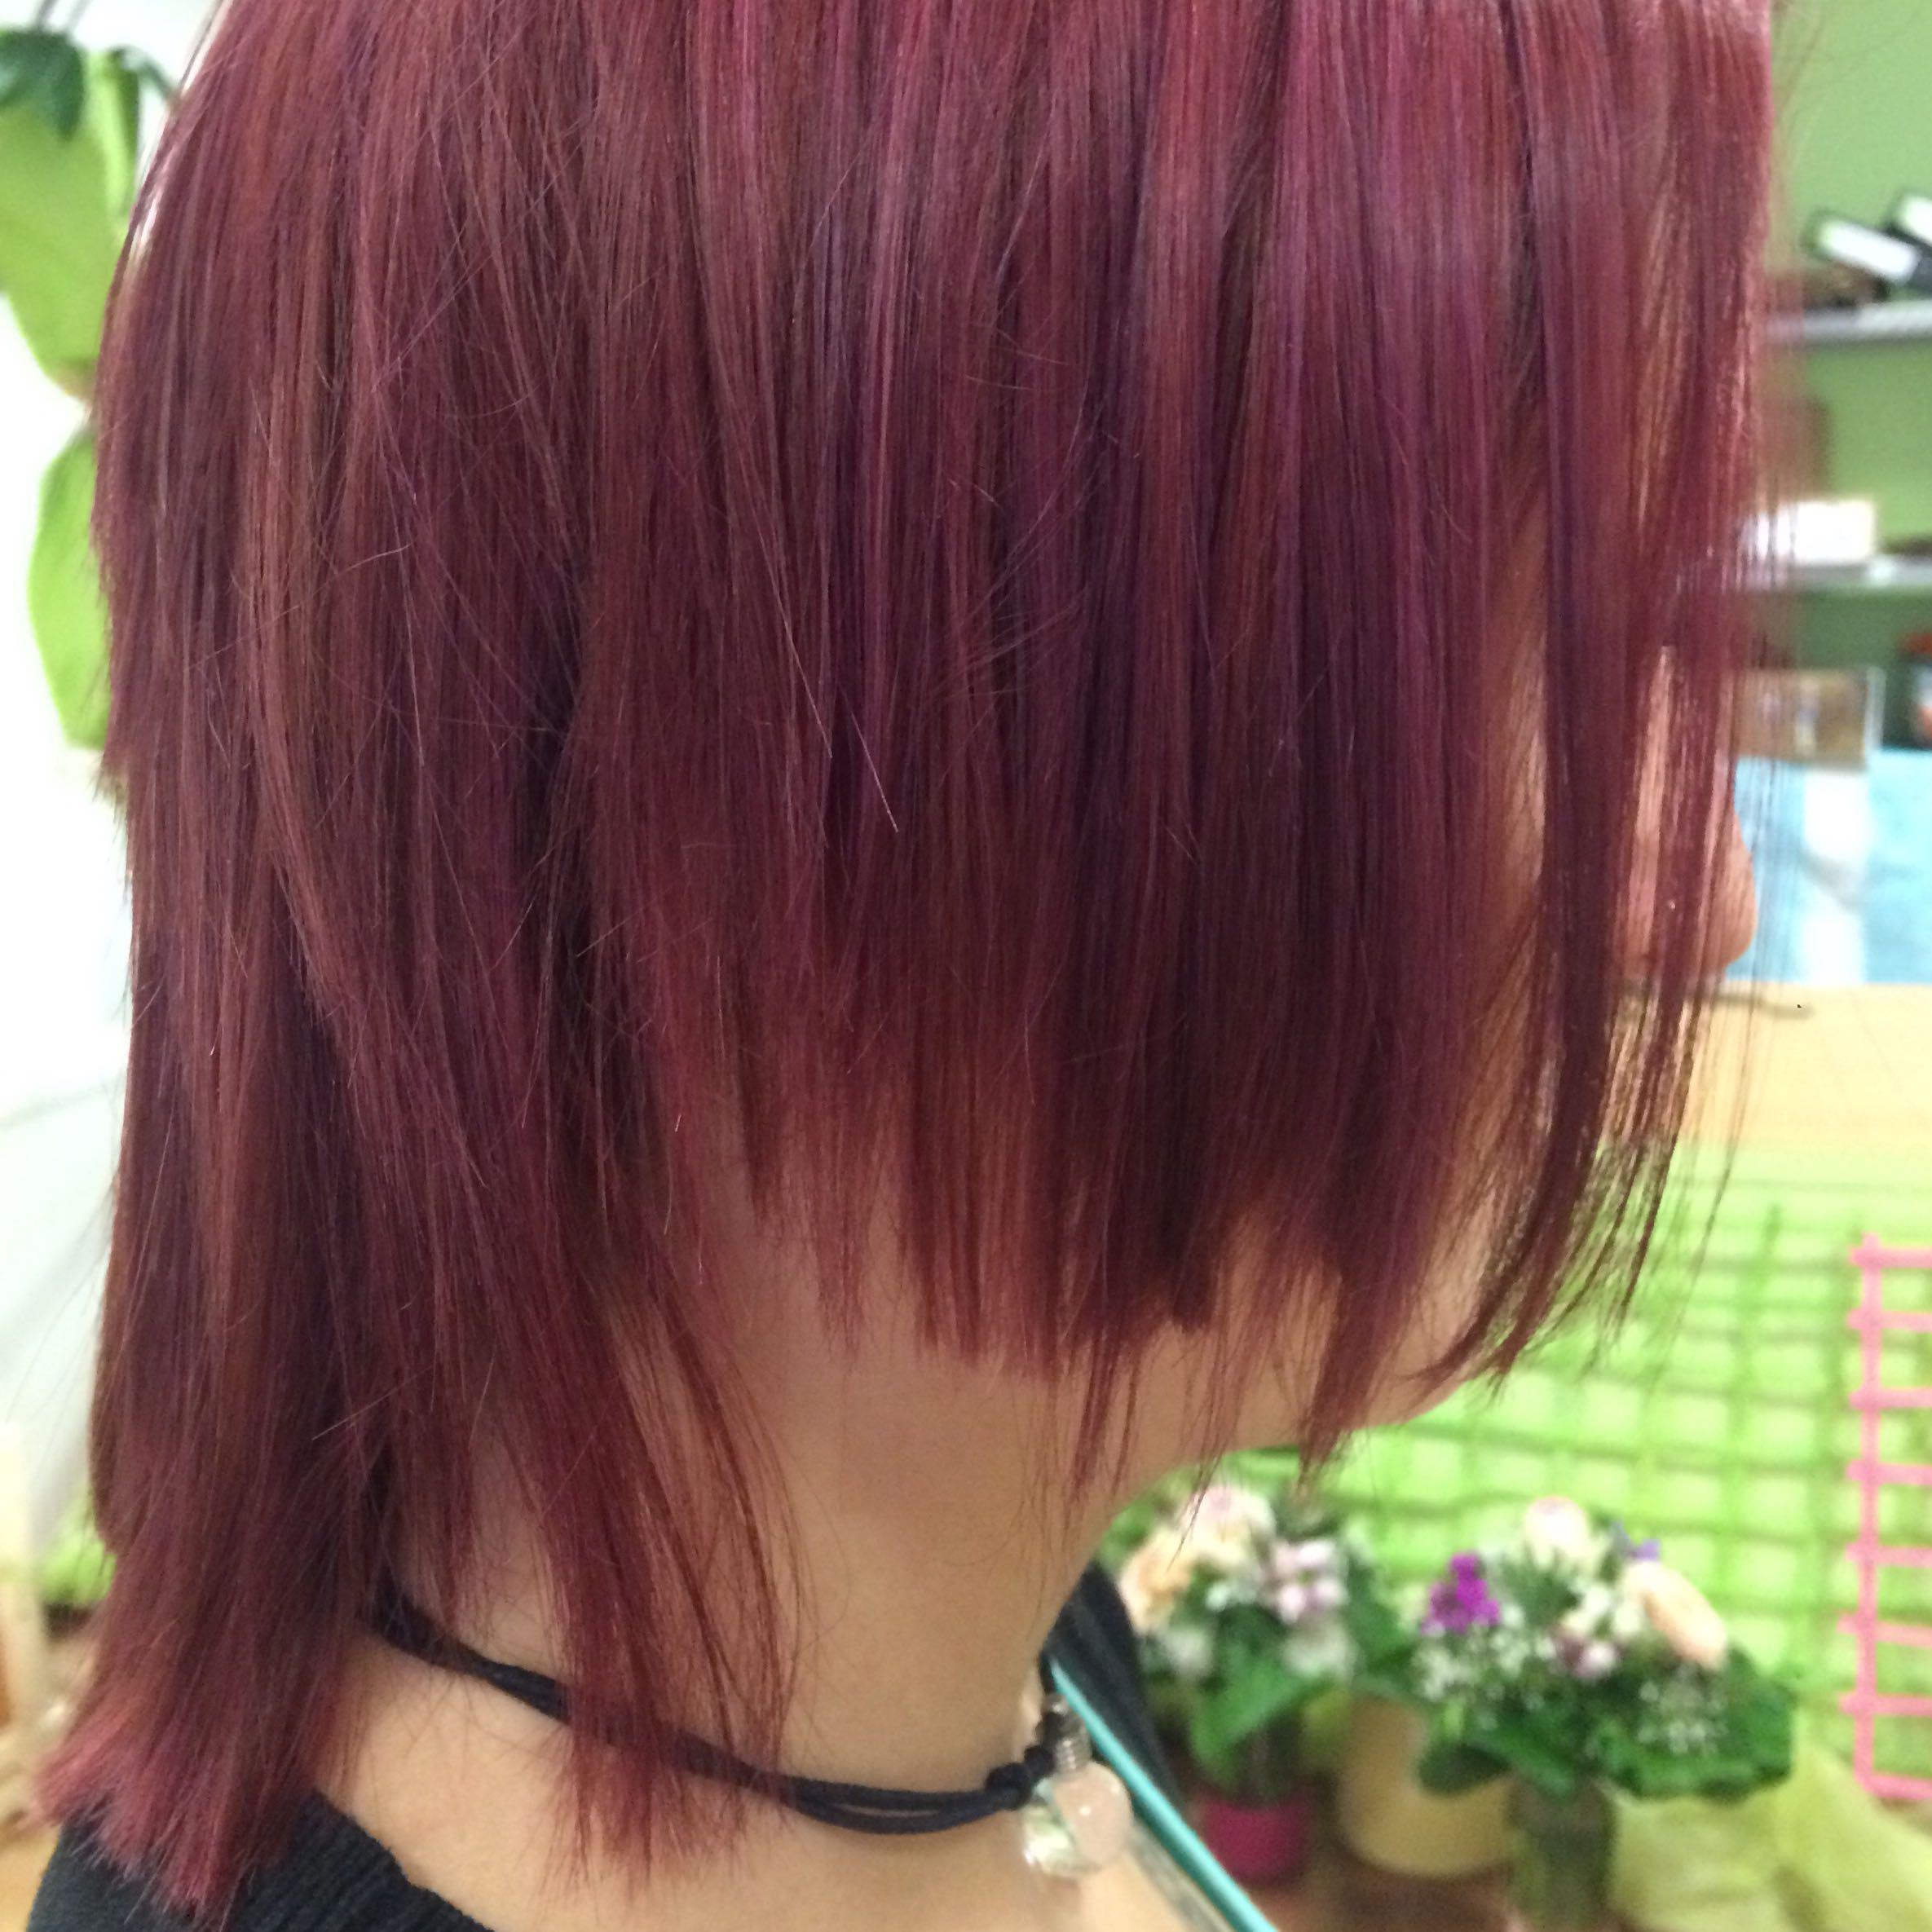 Friseur hat mir die Haare verschnitten, kann ich ihn anzeigen?